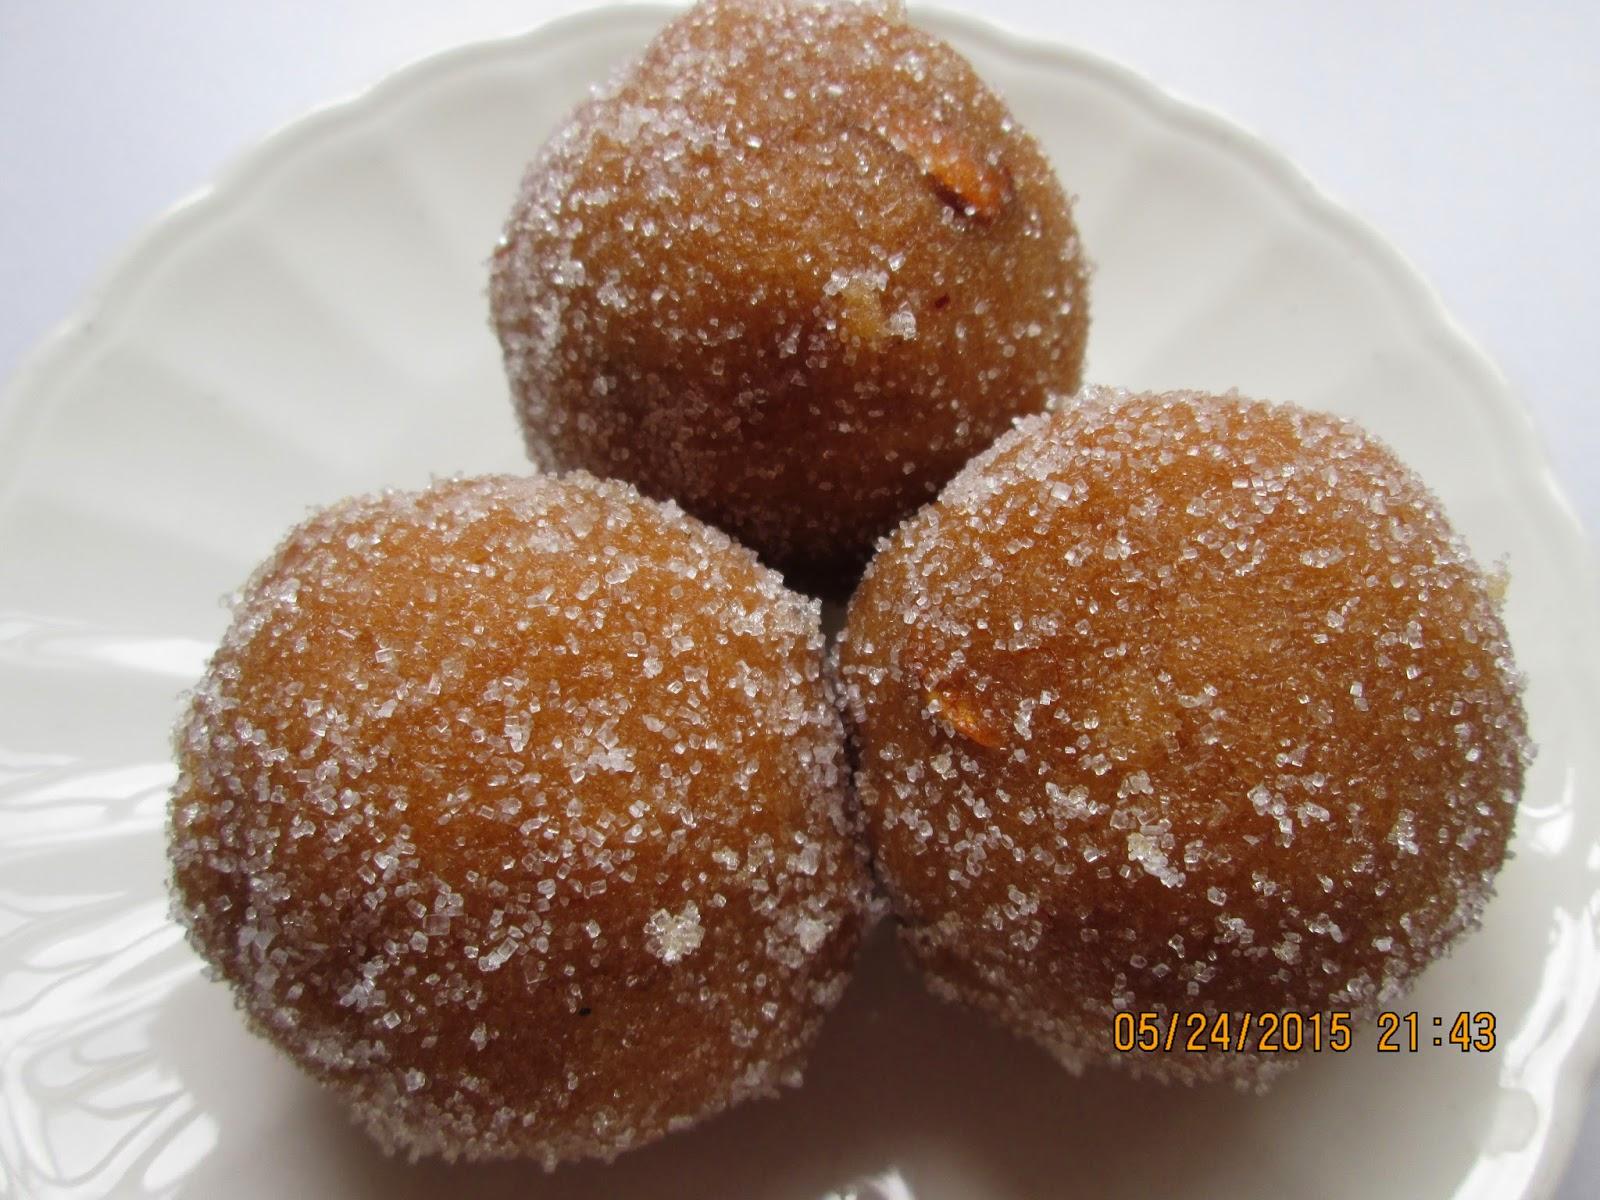 Image gallery tamarindo dulce - Como se hacen crepes dulces ...